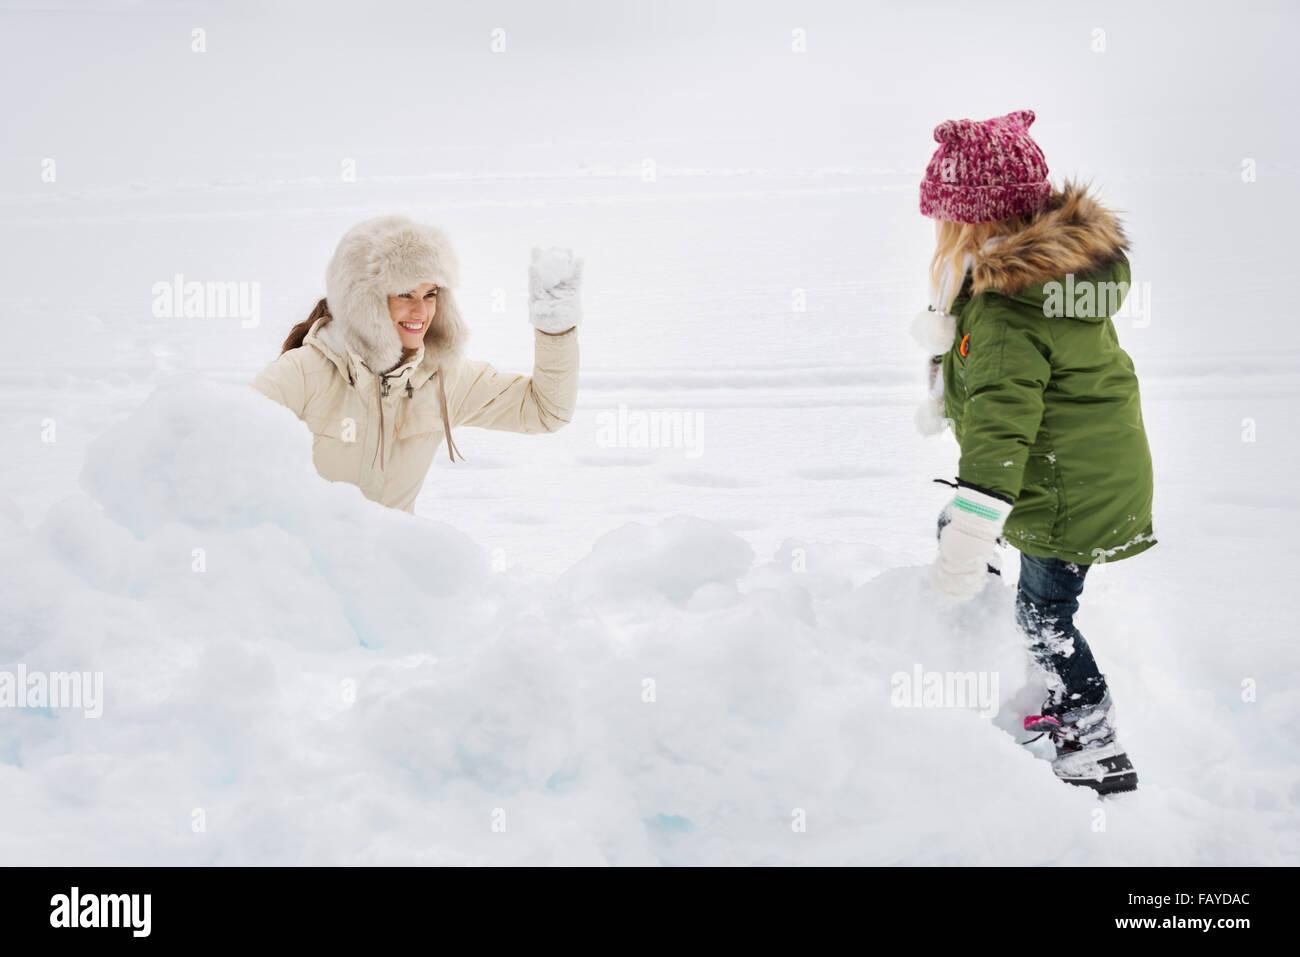 Inverno all'aperto può essere favola-maker per bambini o anche per adulti. Ritratto di felice la madre Immagini Stock